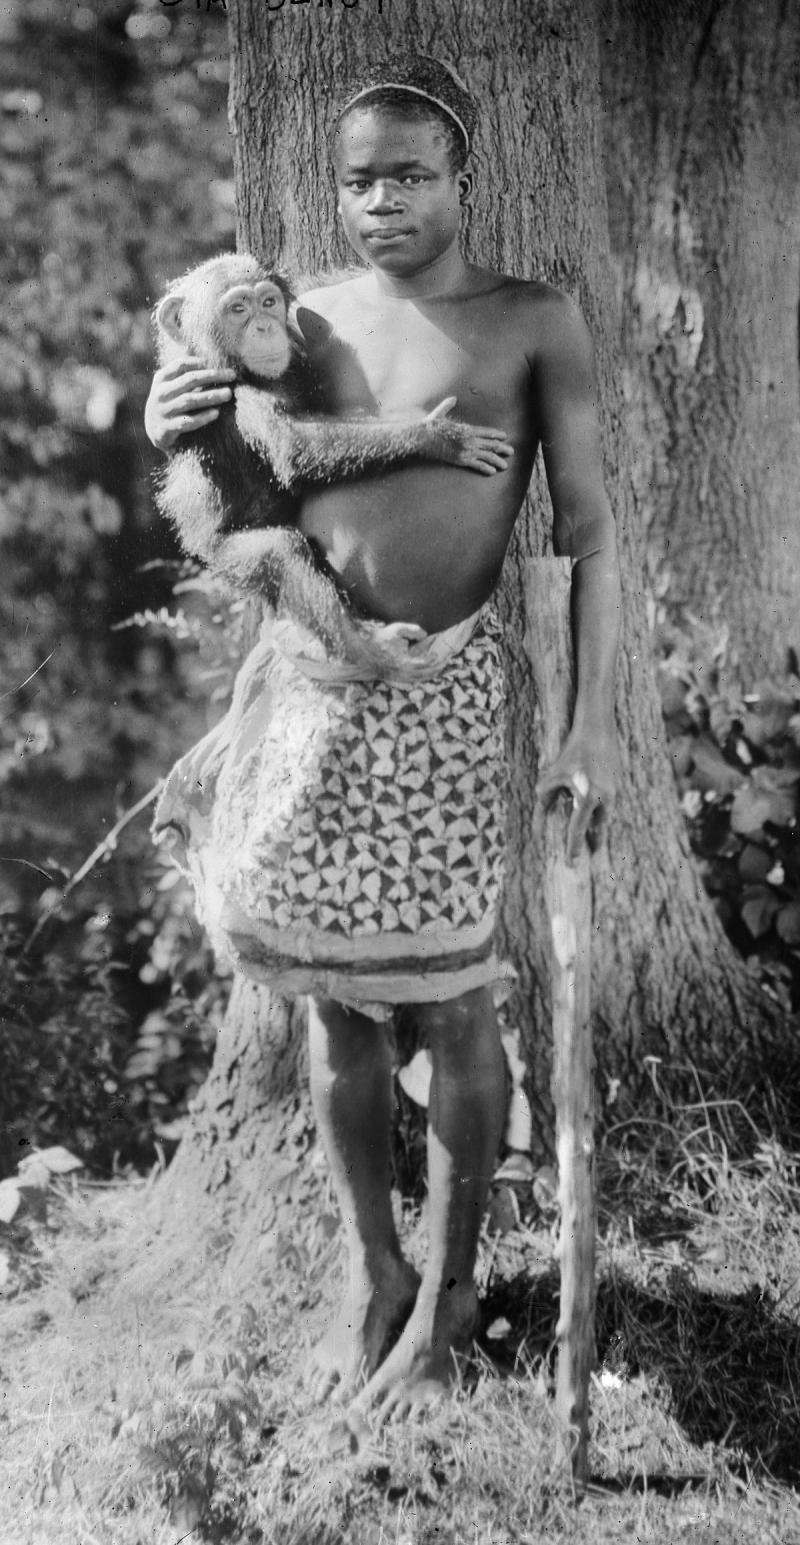 Ota Benga 'İnsanın Eski Ataları'.jpg